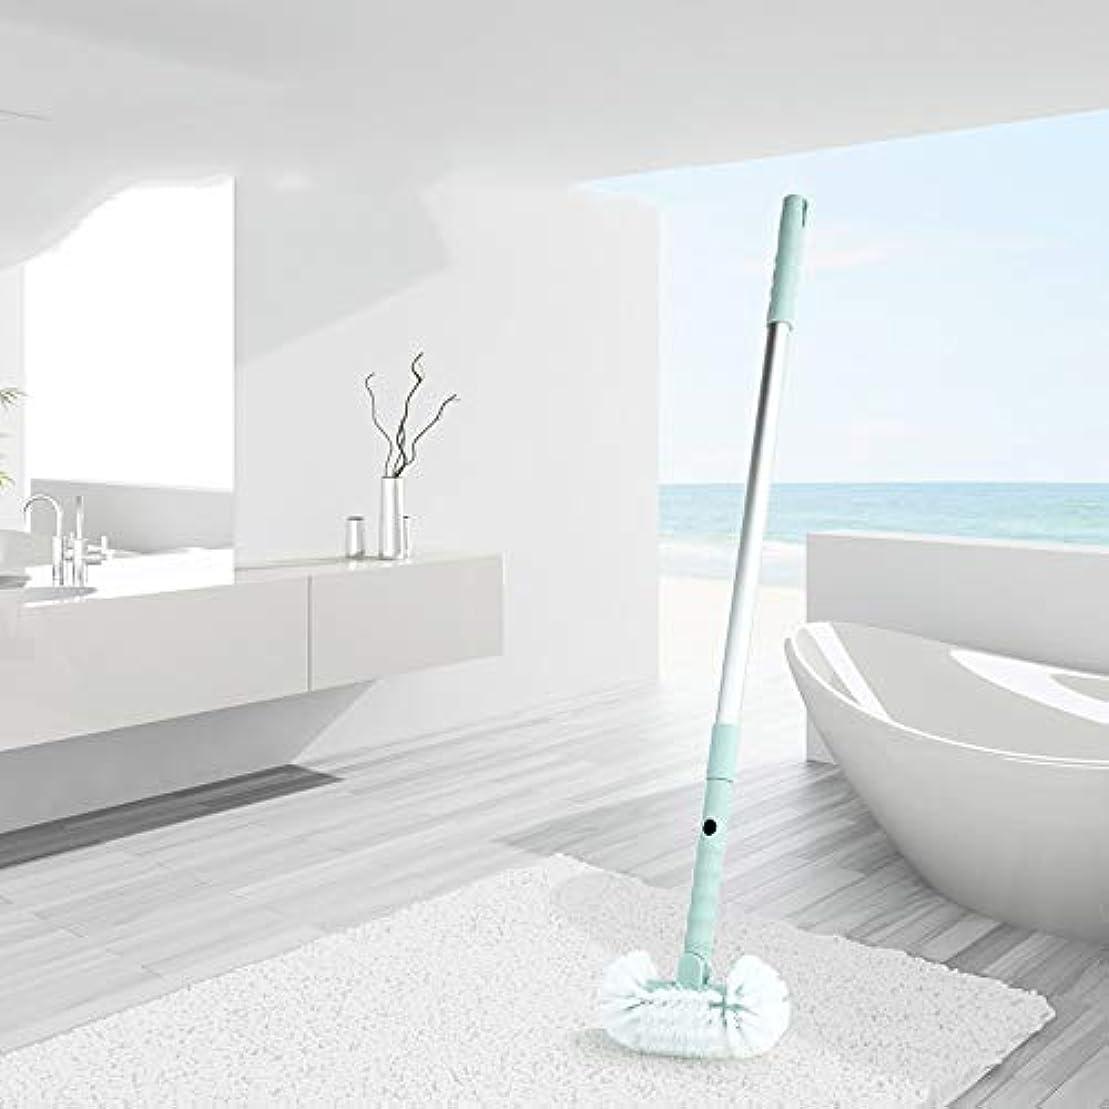 打ち上げるエージェント廃止するポアクリーニング ホームバスルーム引き戻し可能なハードブラシトイレ浴室バスタブフロアクリーニングブラシ マッサージブラシ